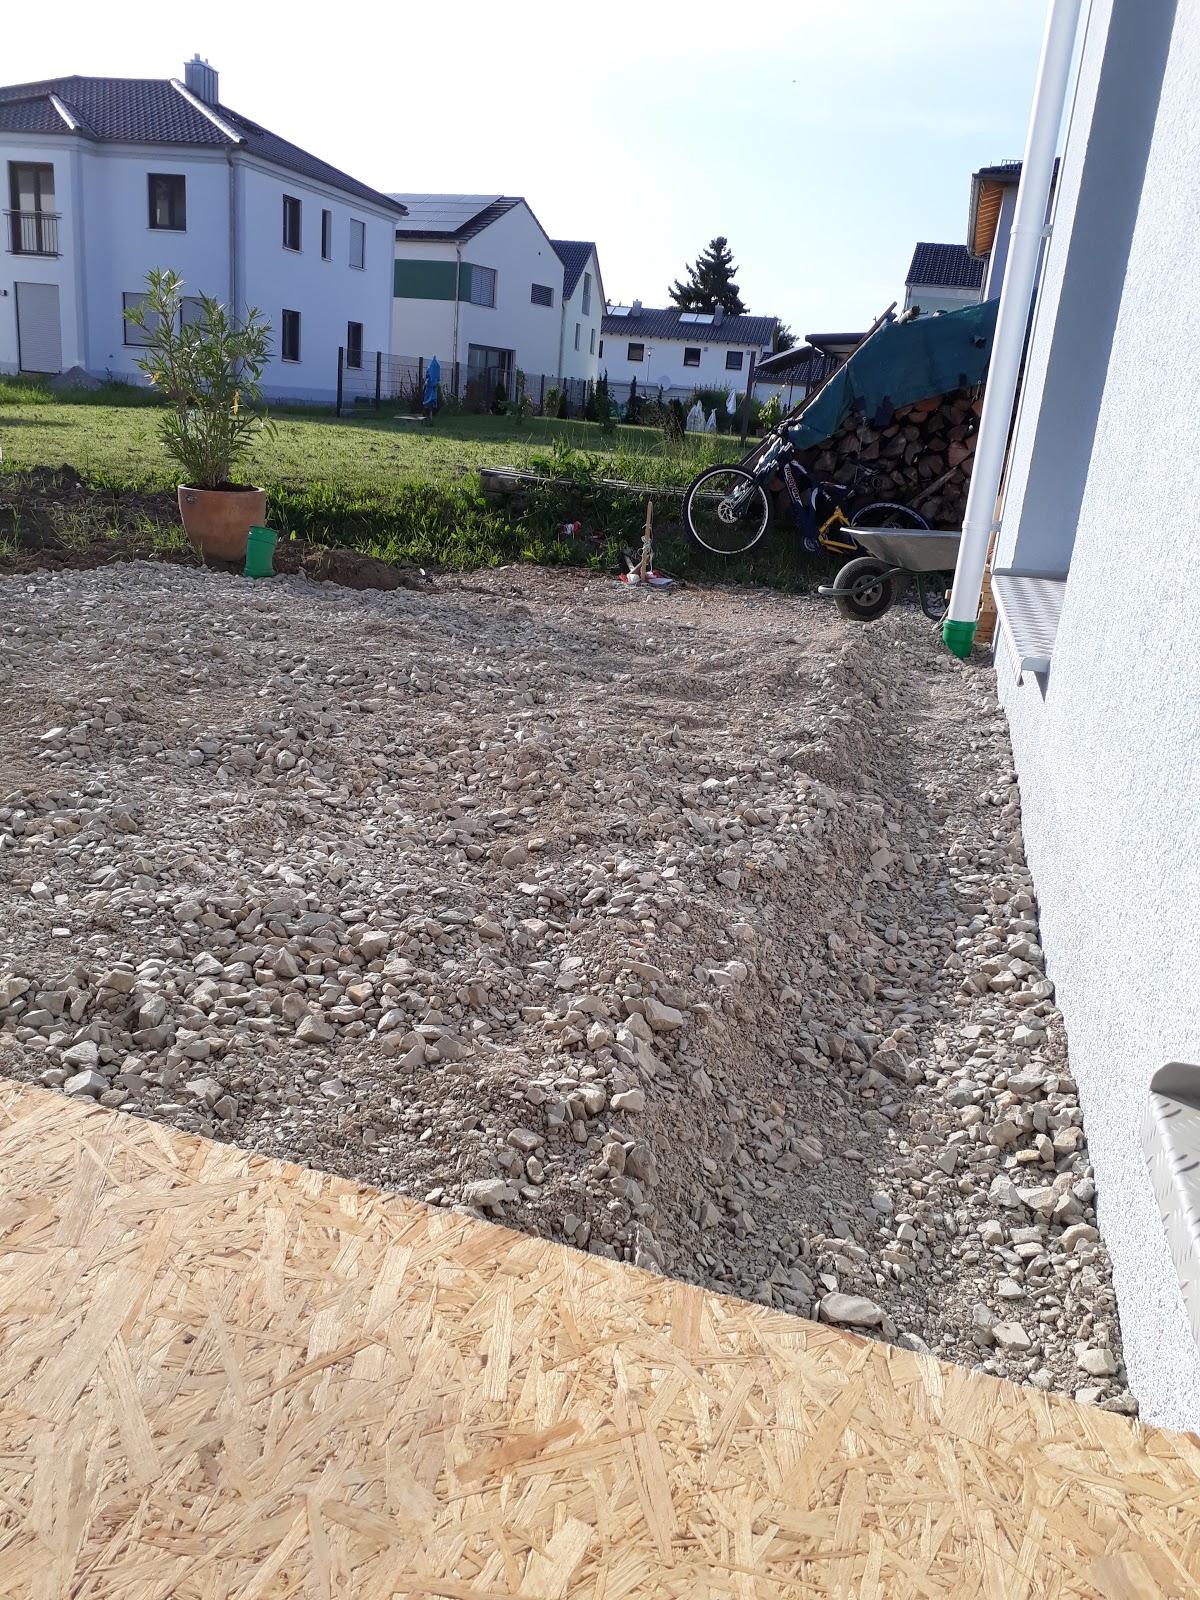 26.05.17_ Terrasse und Eingangsbereich | Bauvorhaben 2016 - 2017 mit ...